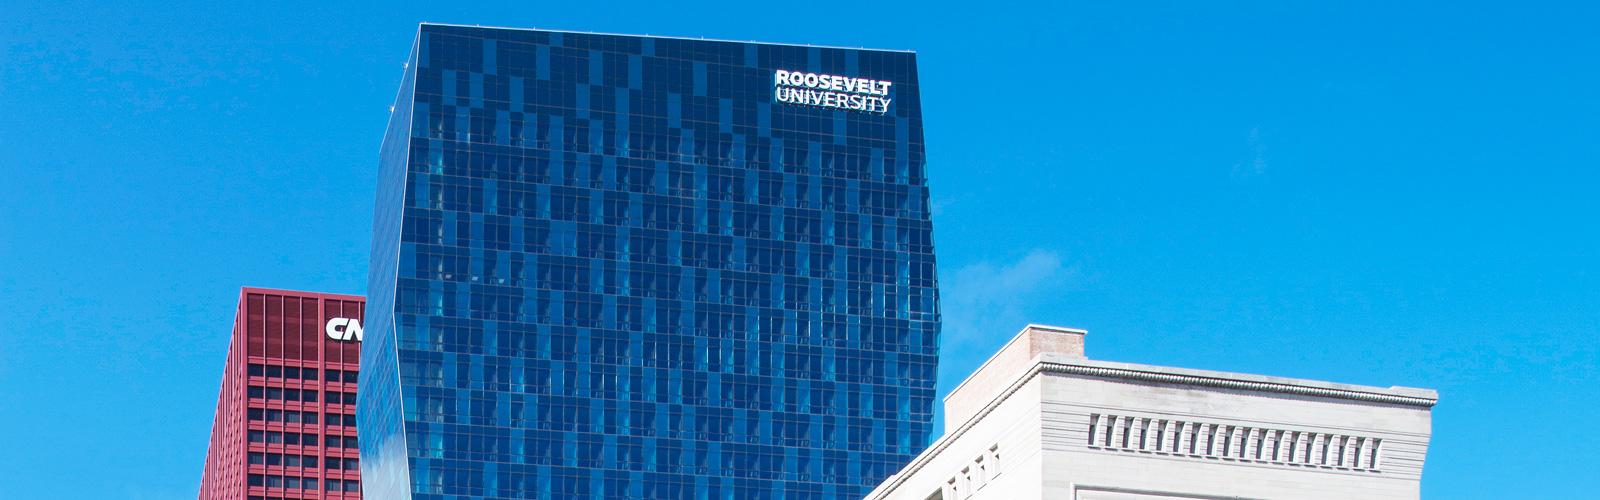 Học bổng du học tại Đại học Roosevelt, Chicago.